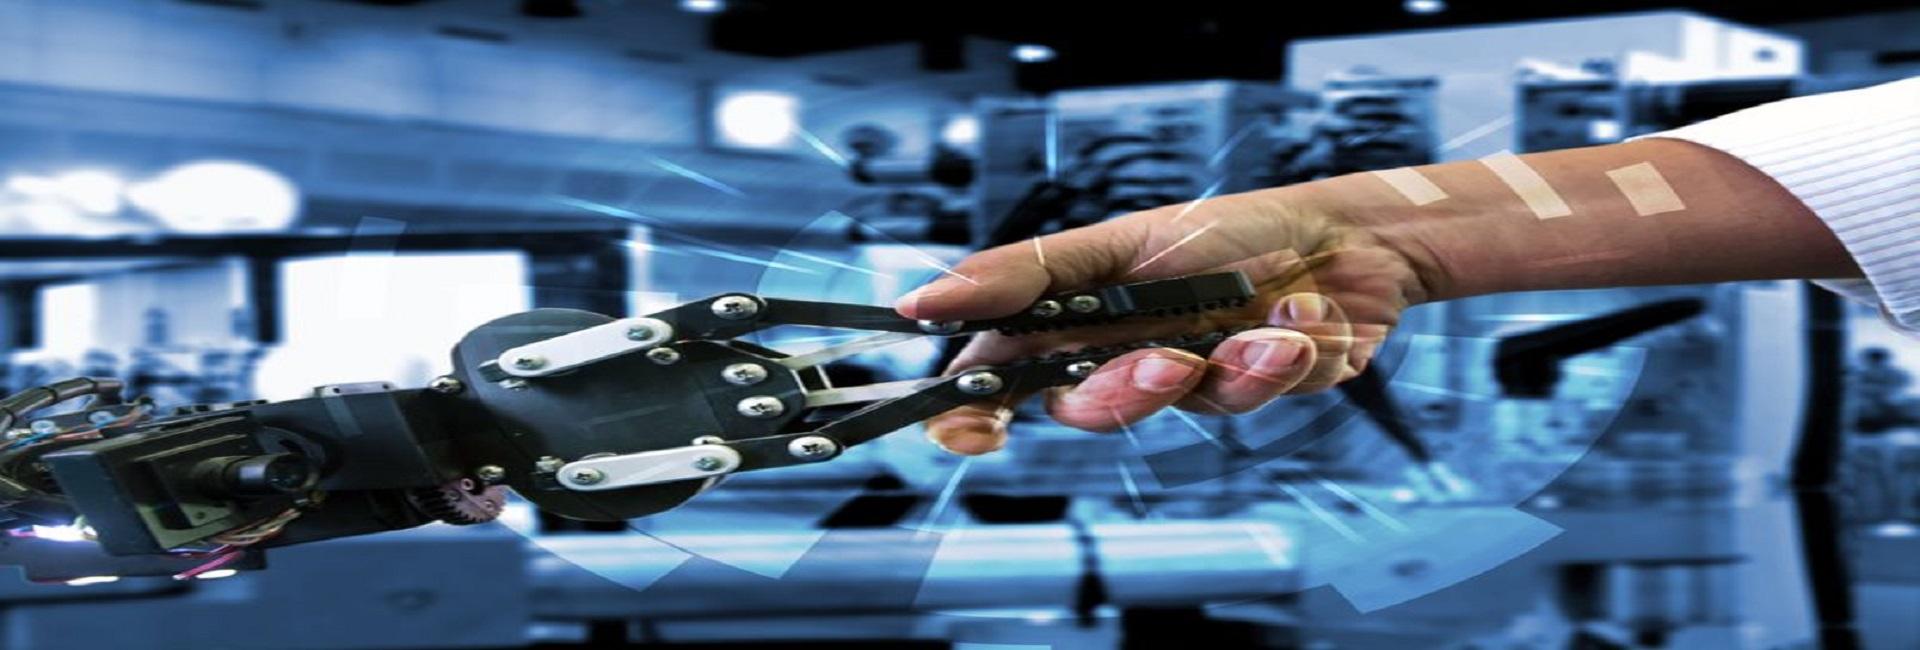 Cyberdyne – intelligent exoskeleton